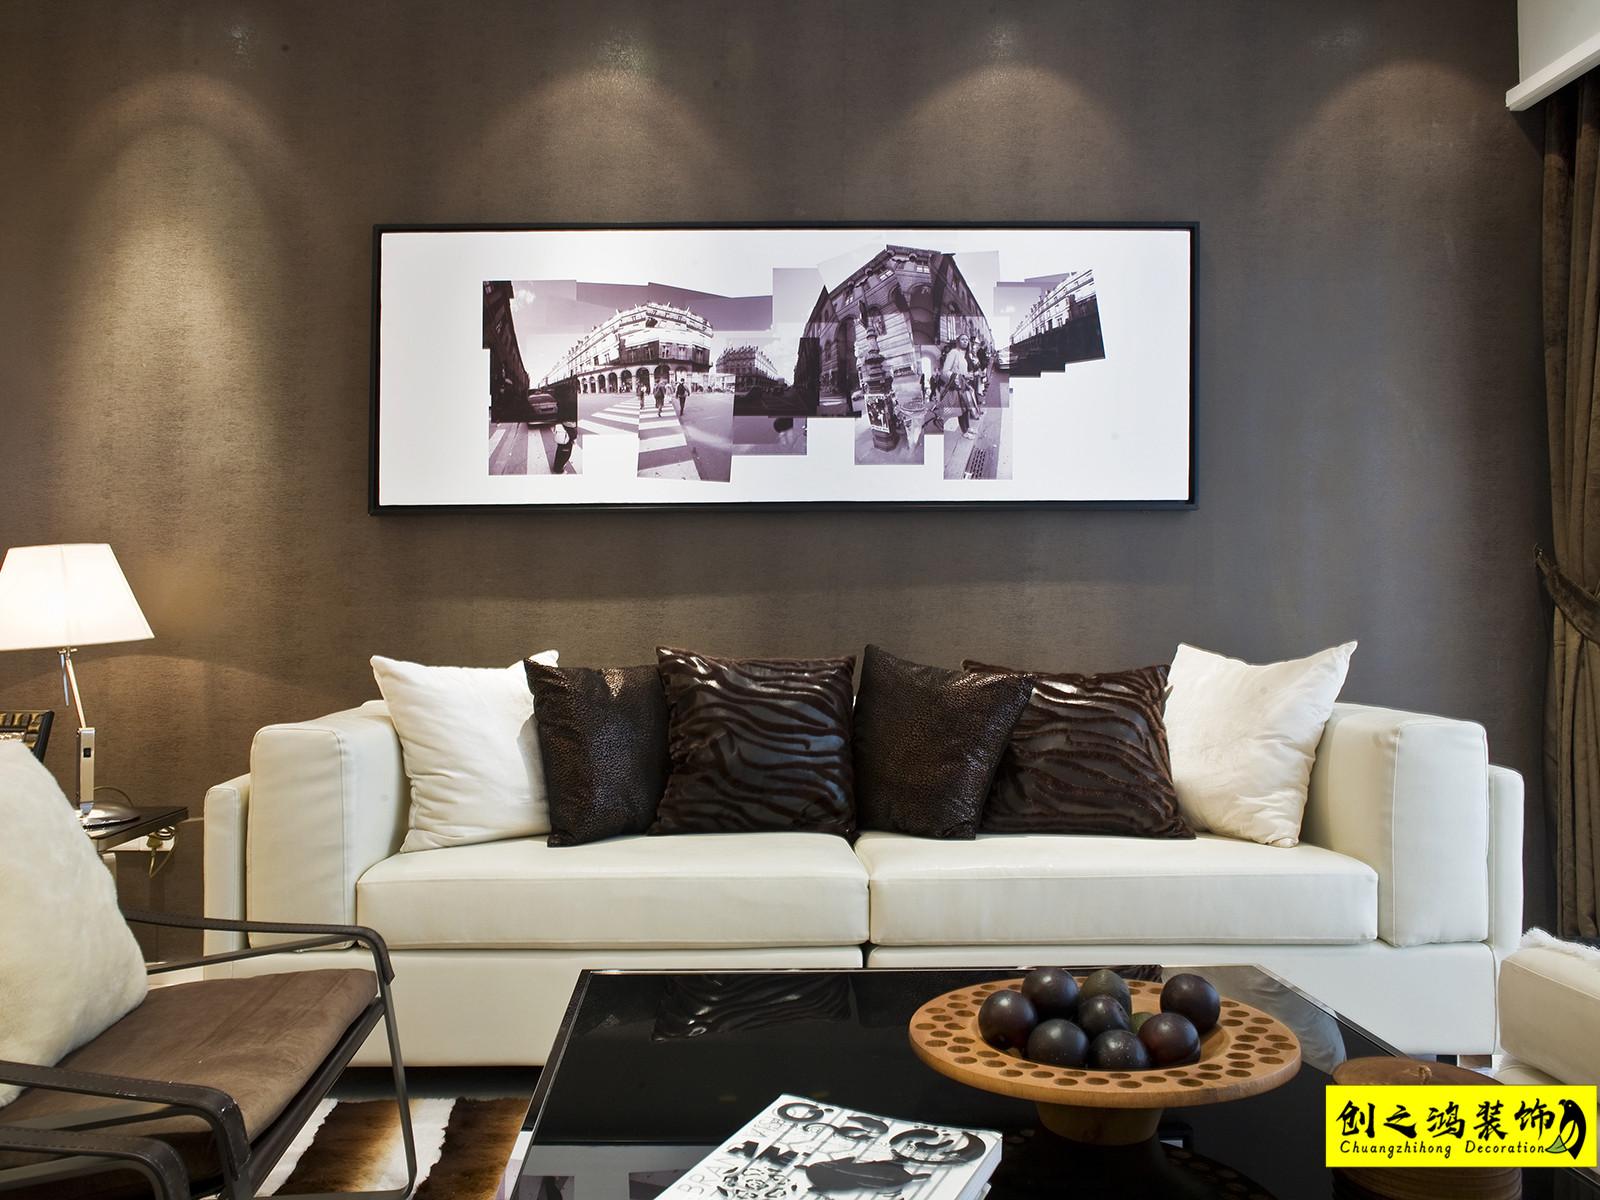 150㎡金地艺城瑞府四室两厅现代简约风格装修效果图